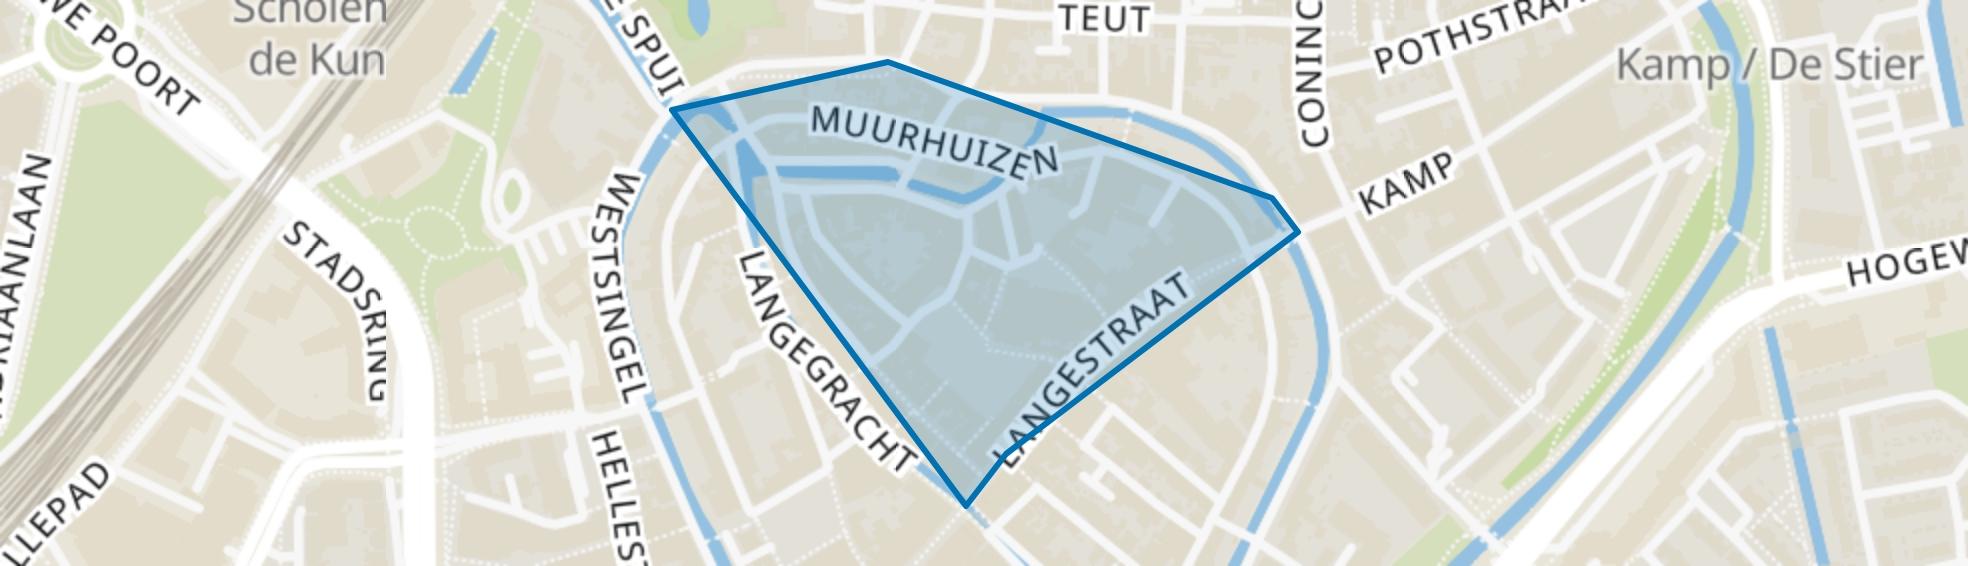 Hof, Amersfoort map